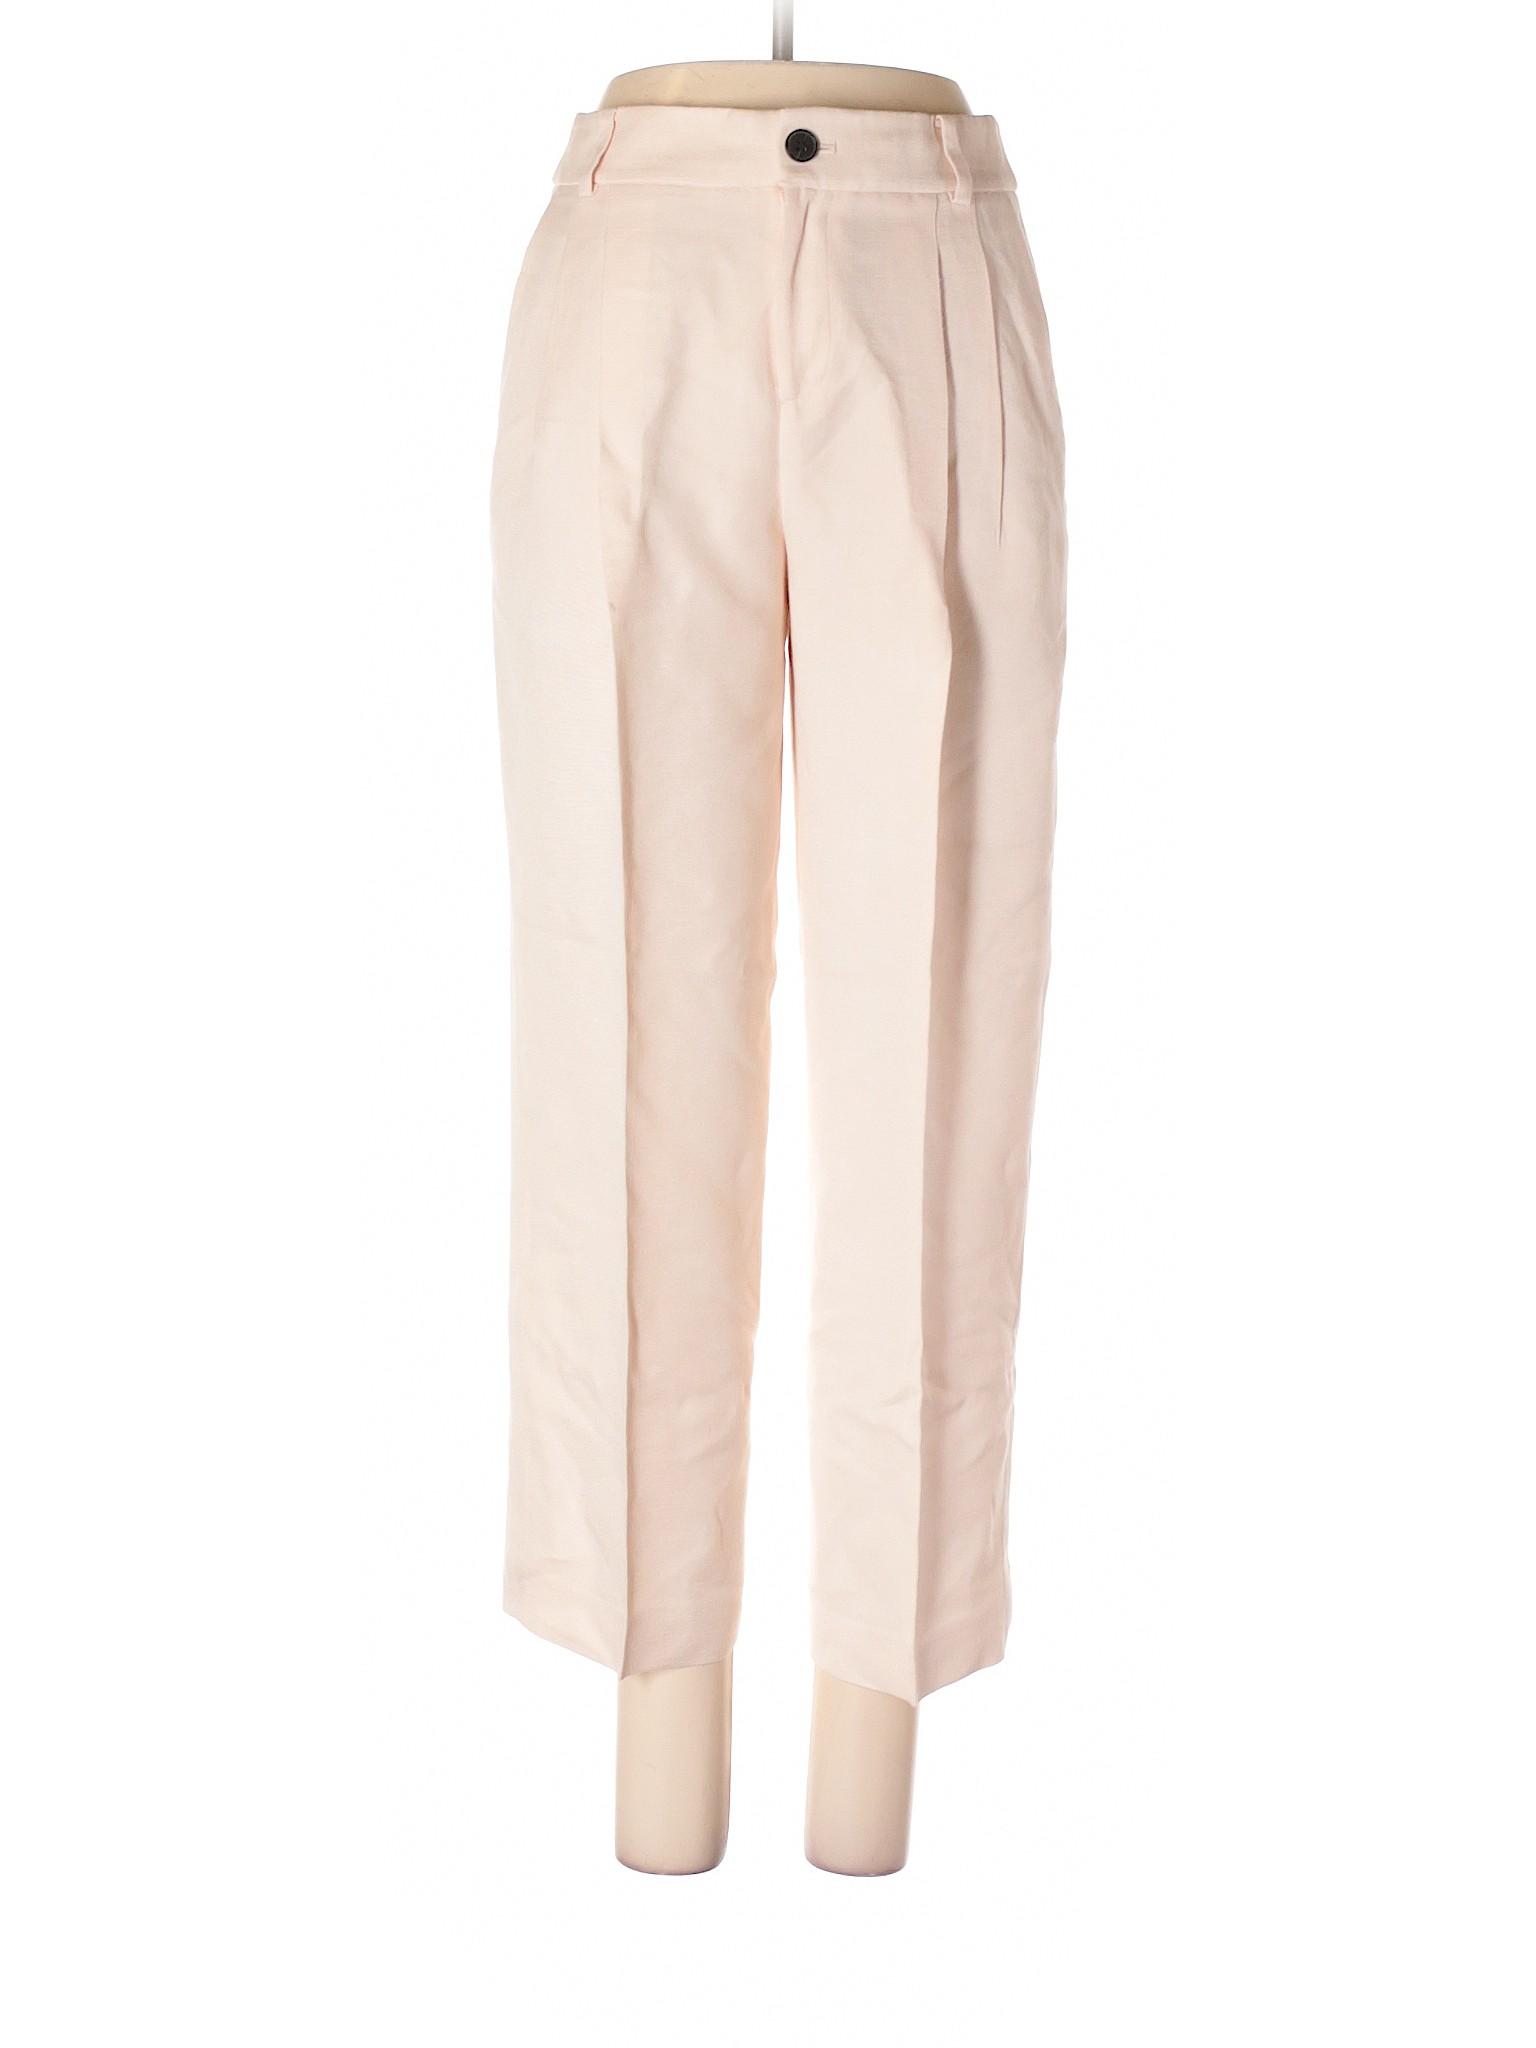 Monaco Dress Pants leisure Boutique Club SZqwxfXE